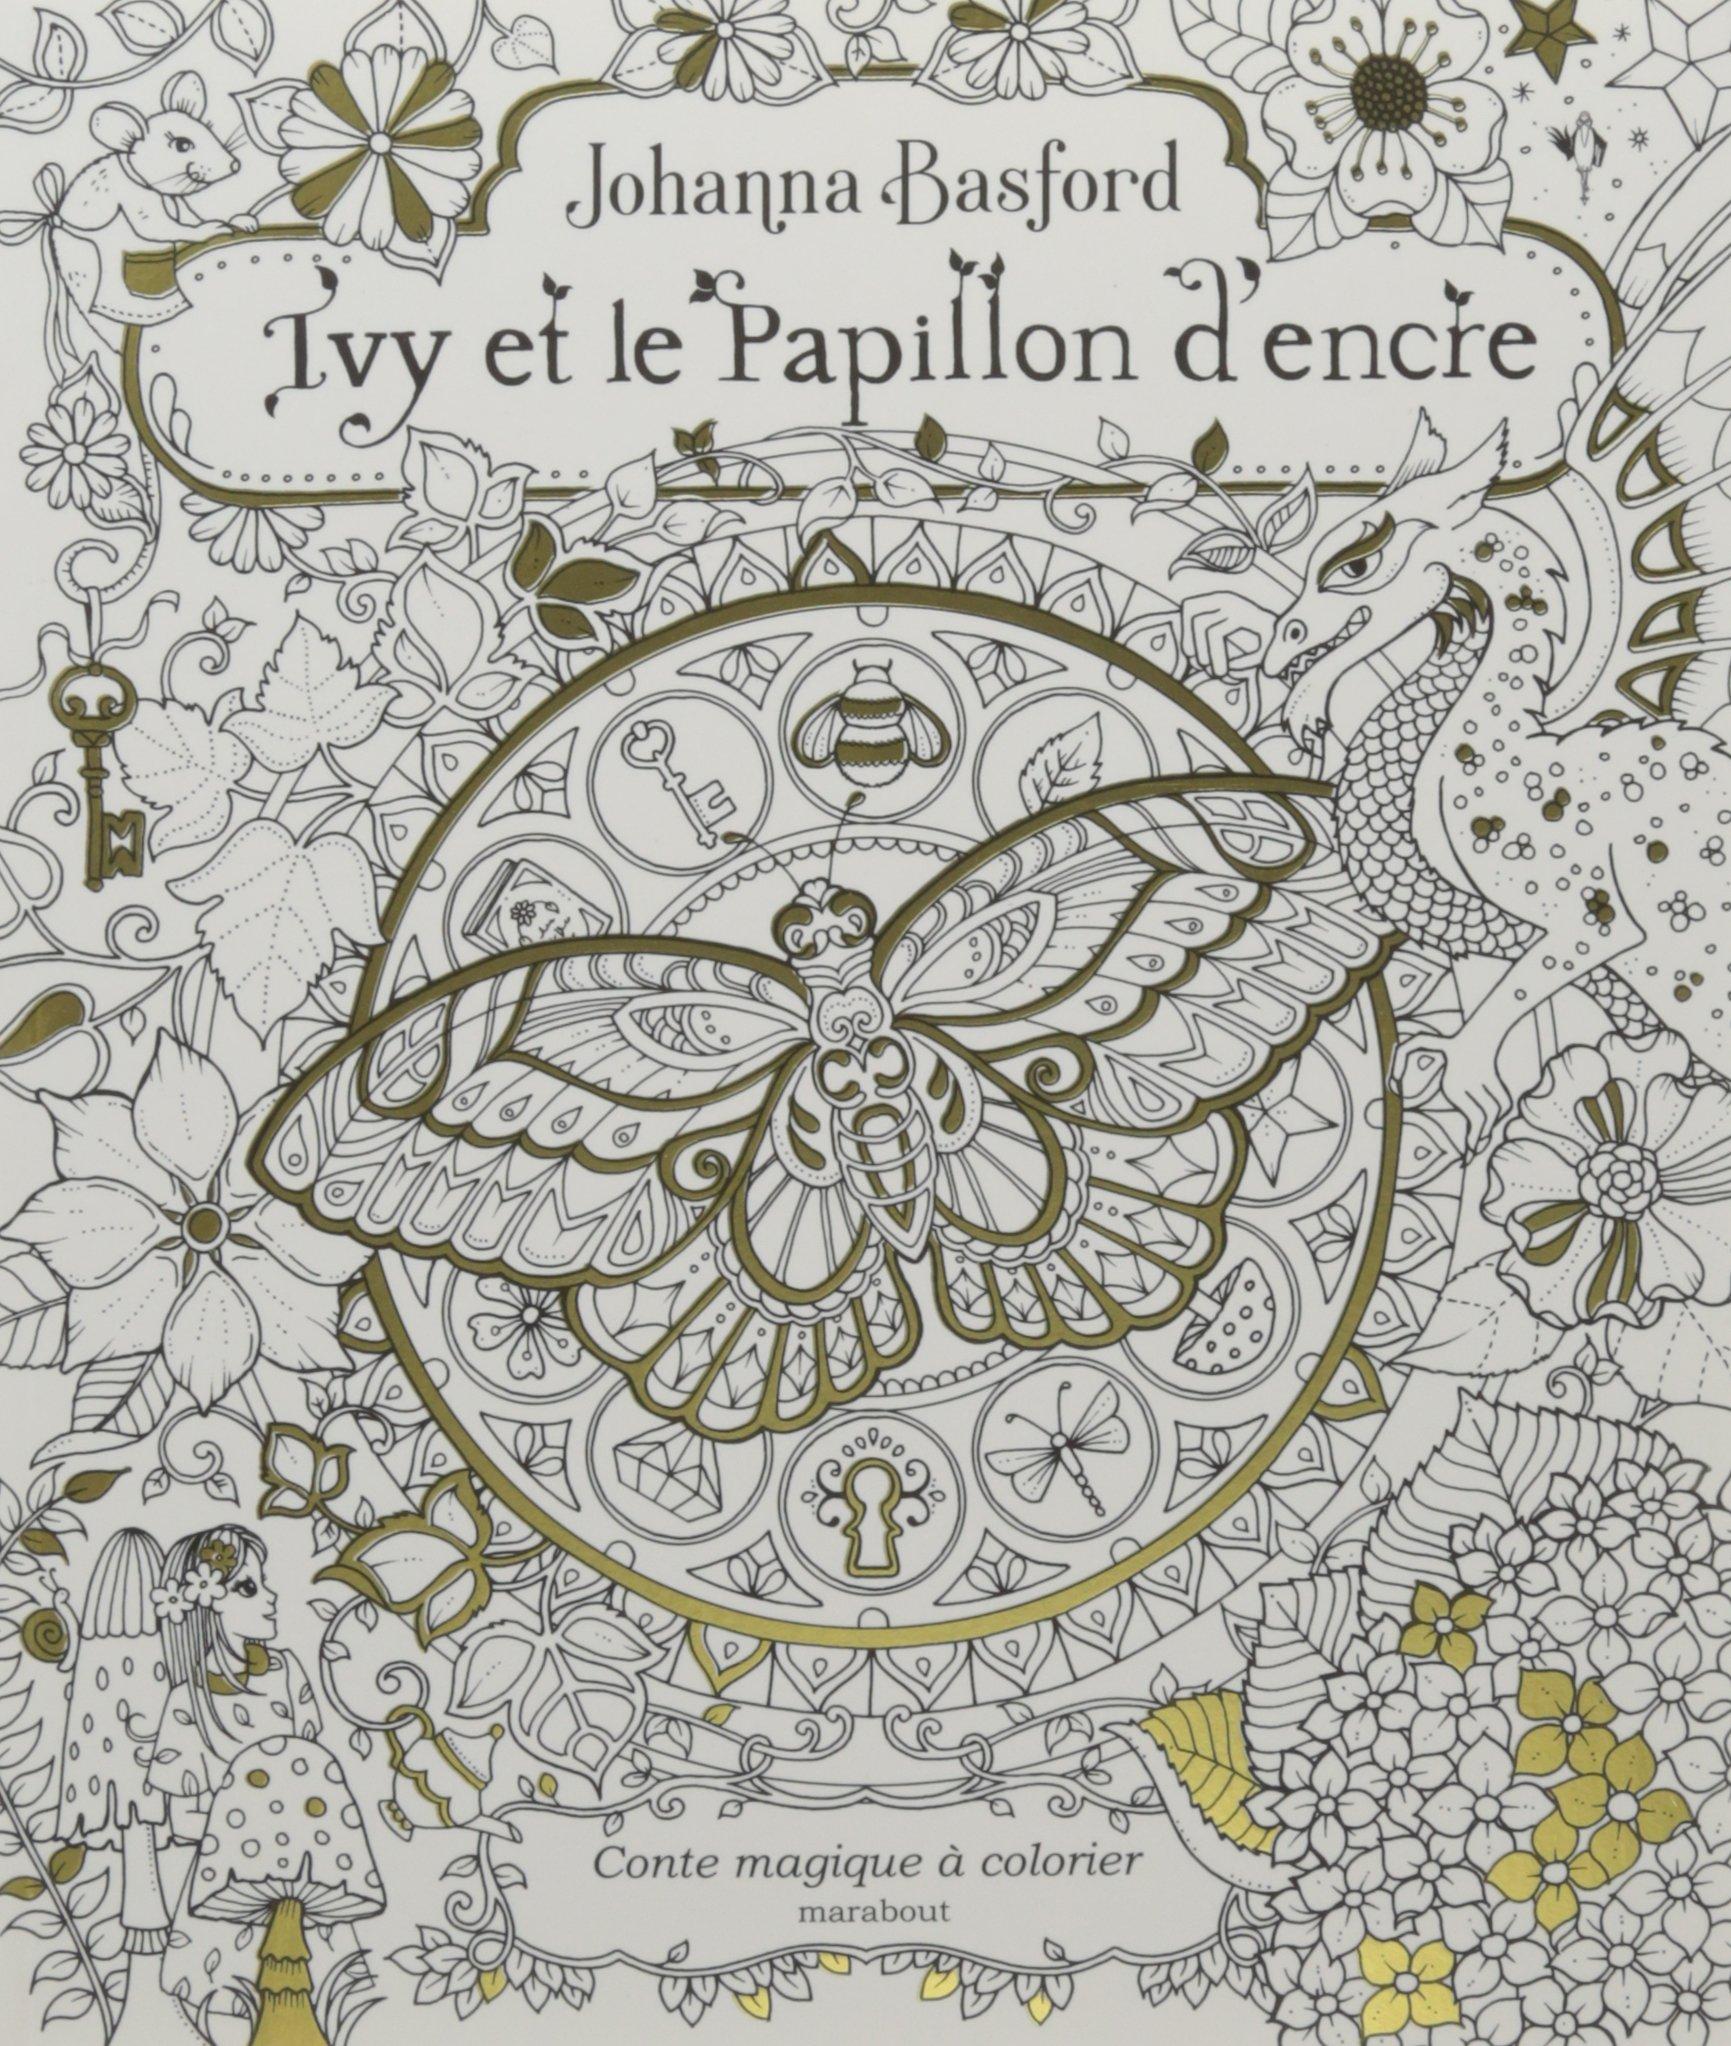 Coloriage Famille Papillon.Amazon Fr Ivy Et Le Papillon D Encre Johanna Basford Livres